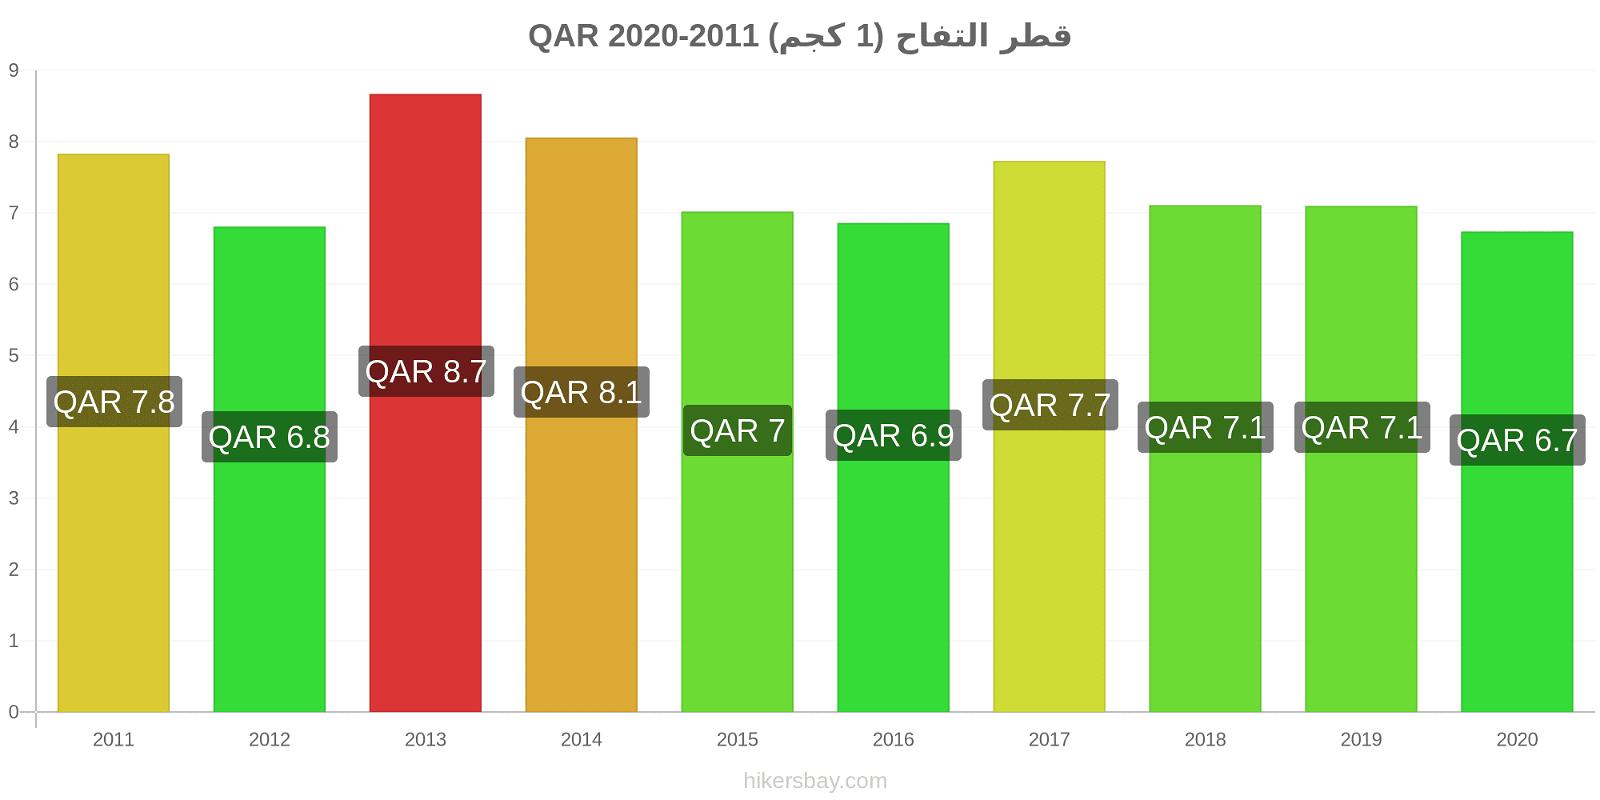 قطر تغيرات السعر التفاح (1 كجم) hikersbay.com